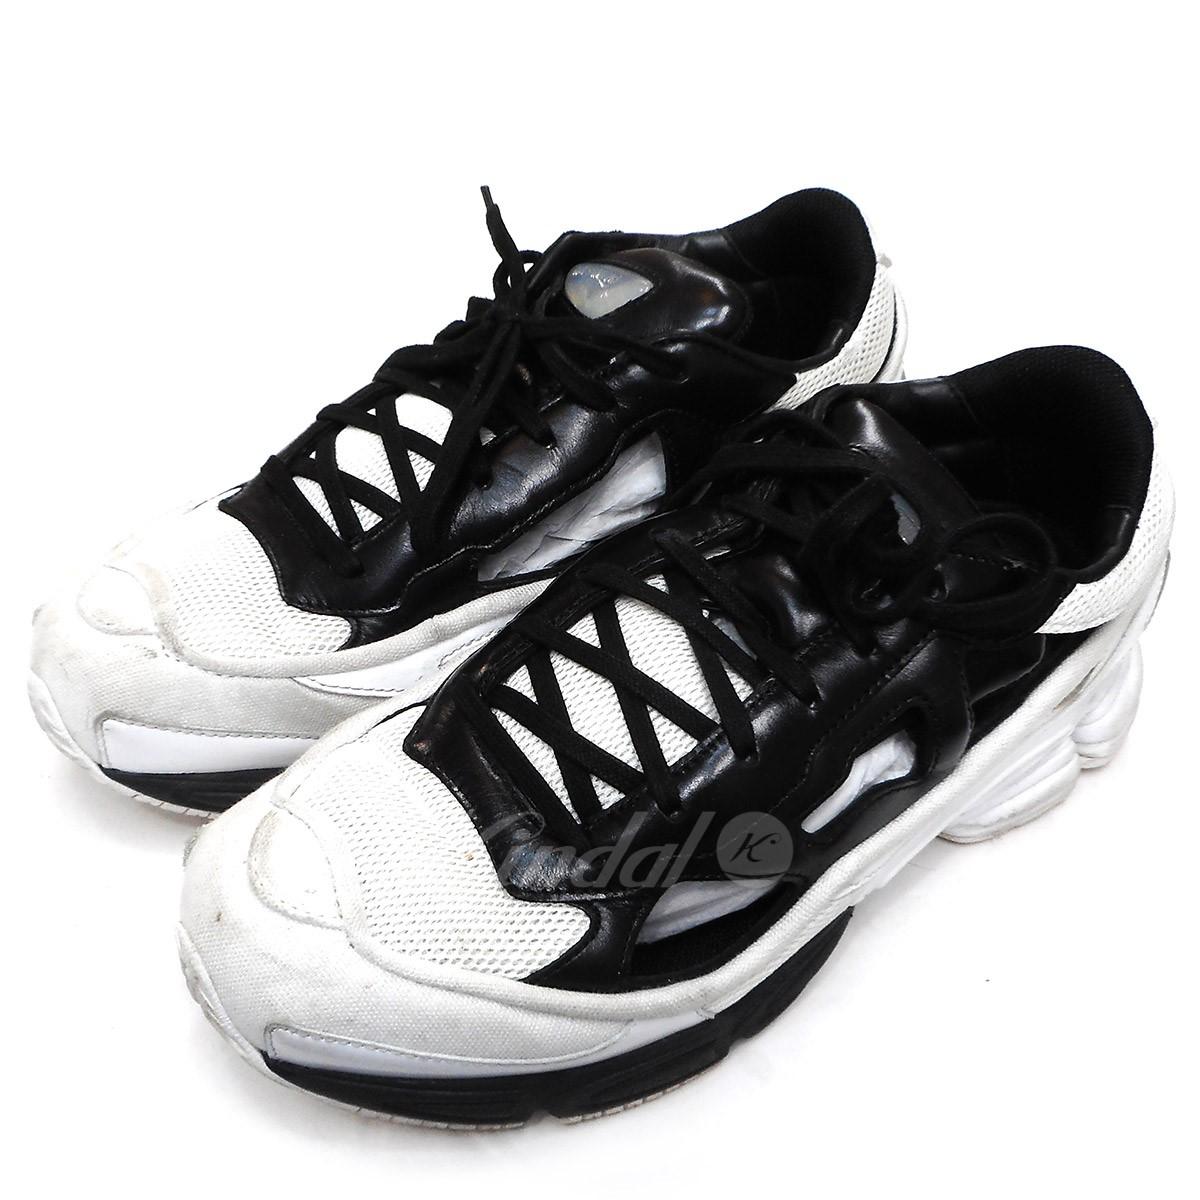 【中古】adidas by RAF SIMONS RS REPRICANT OZWEEGO ブラック×ホワイト サイズ:US8 【送料無料】 【290319】(アディダスバイラフシモンズ)